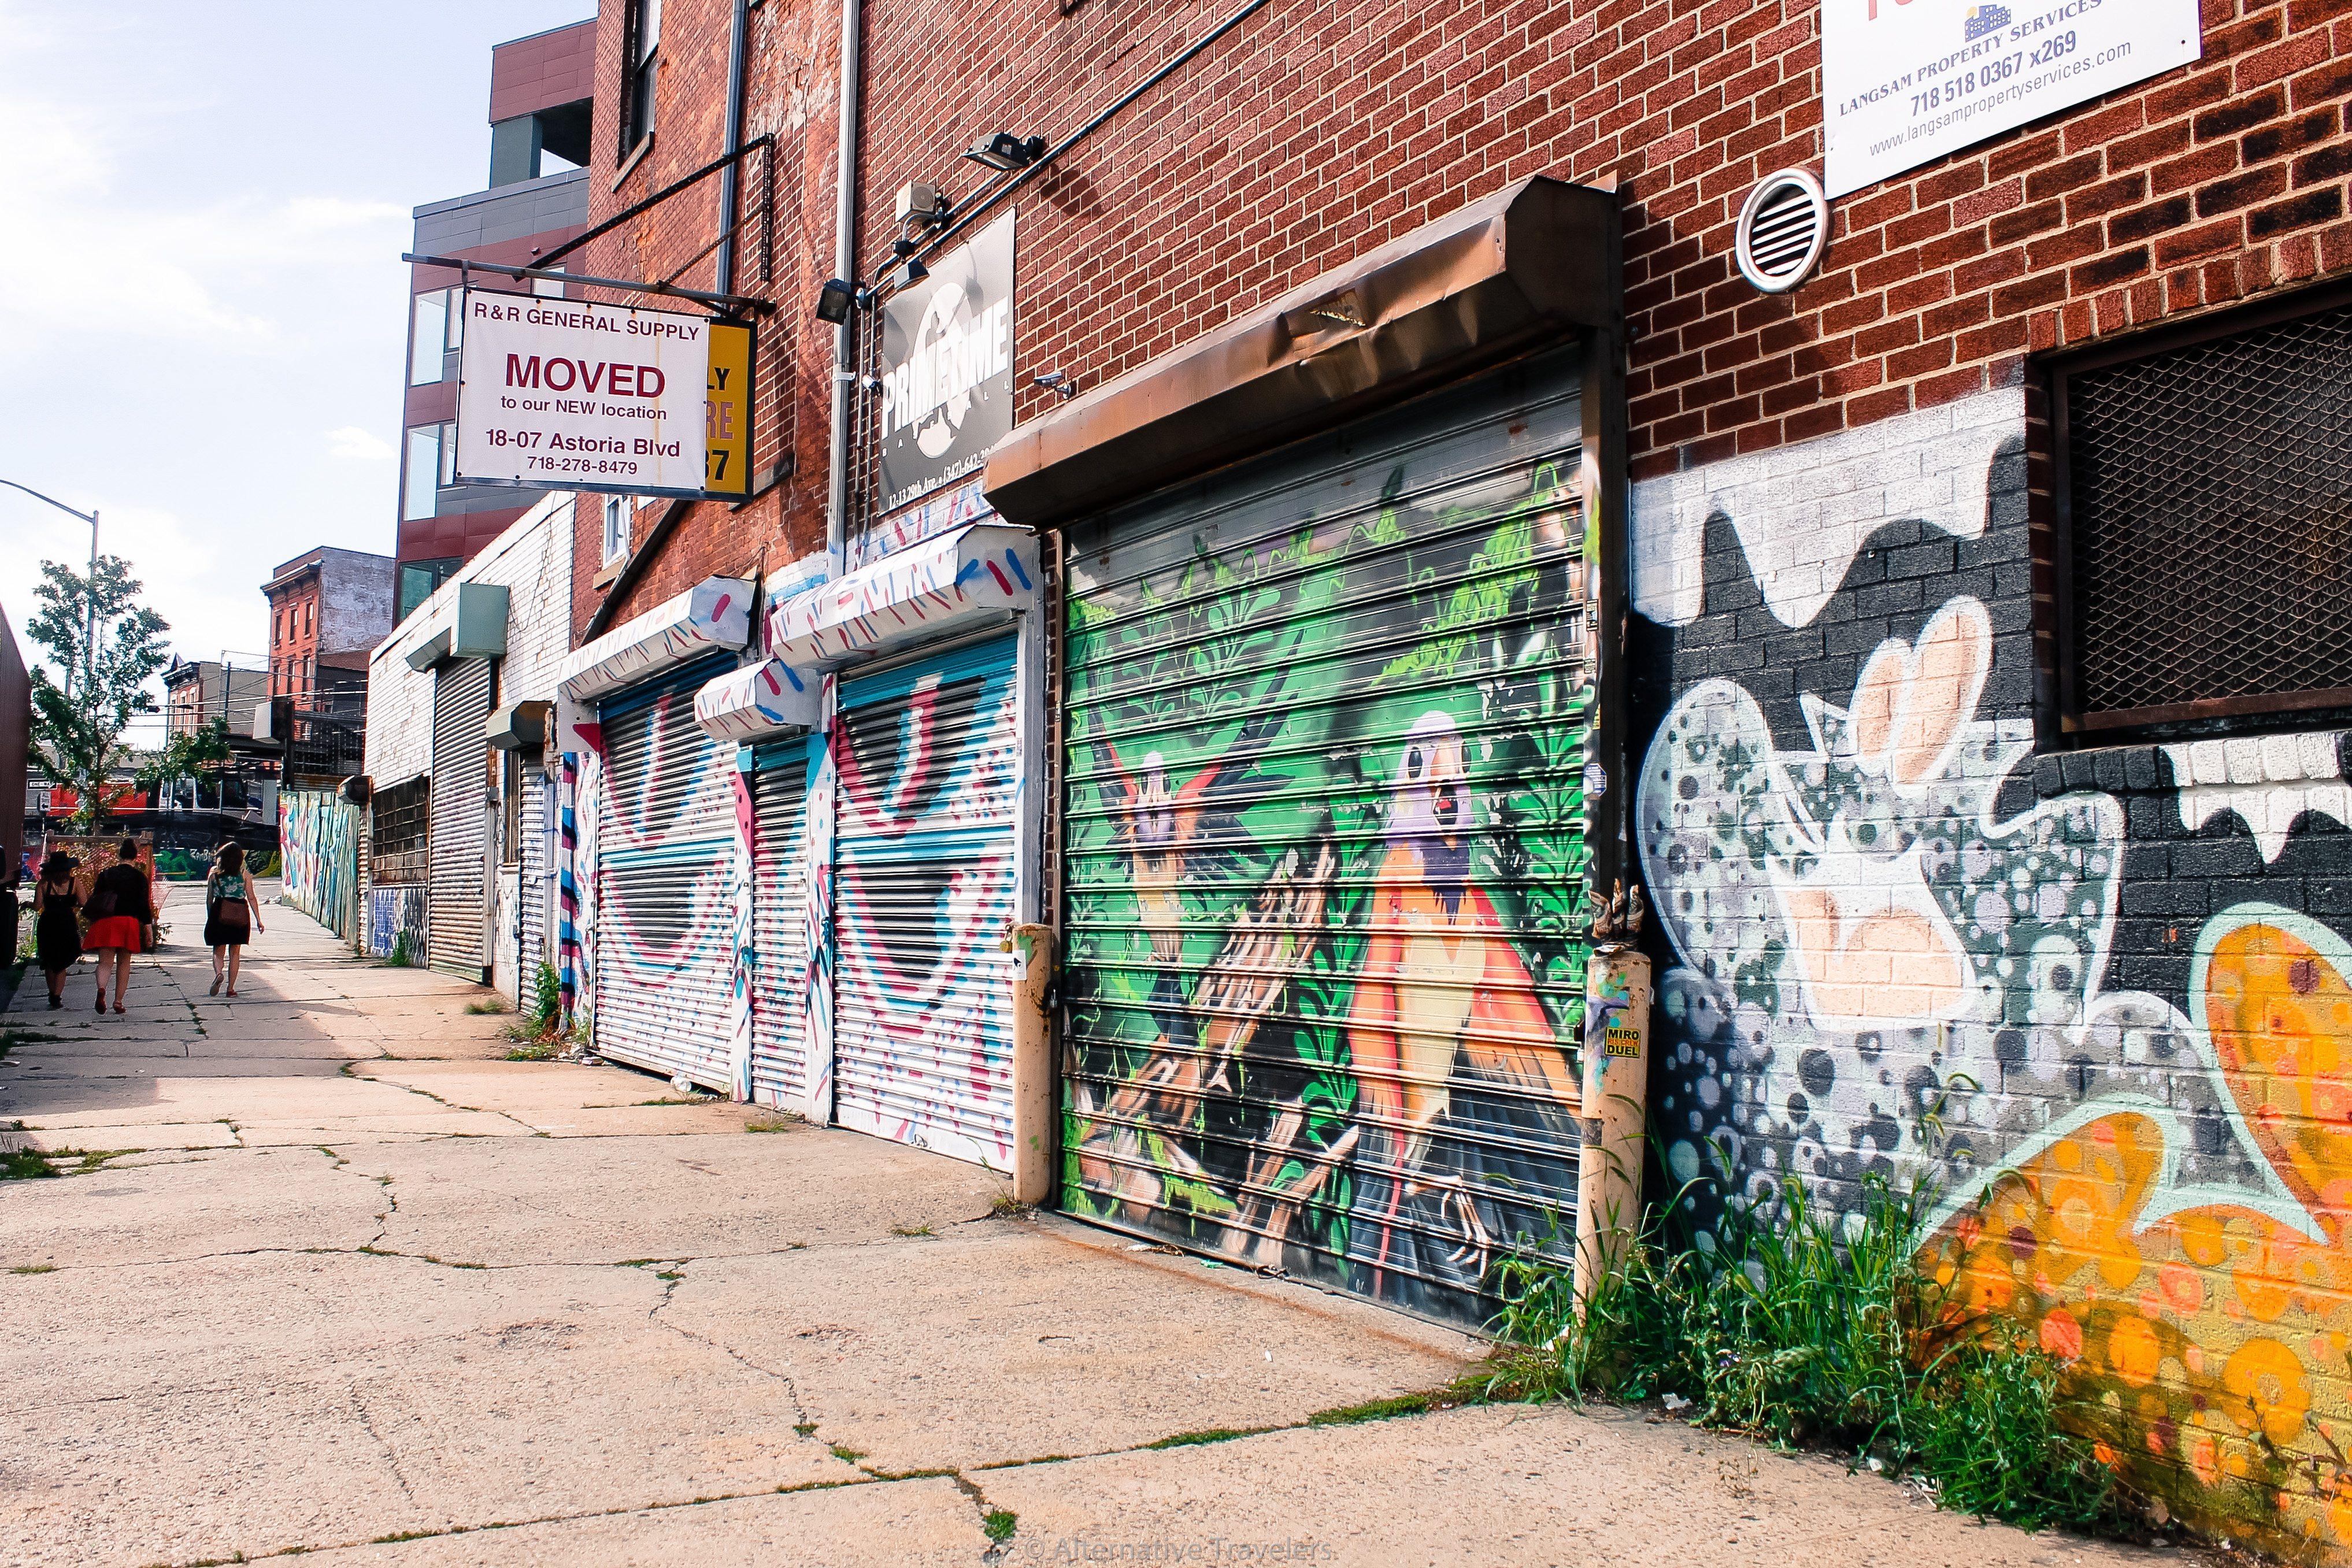 Street Art in Astoria, Queens - AlternativeTravelers.com